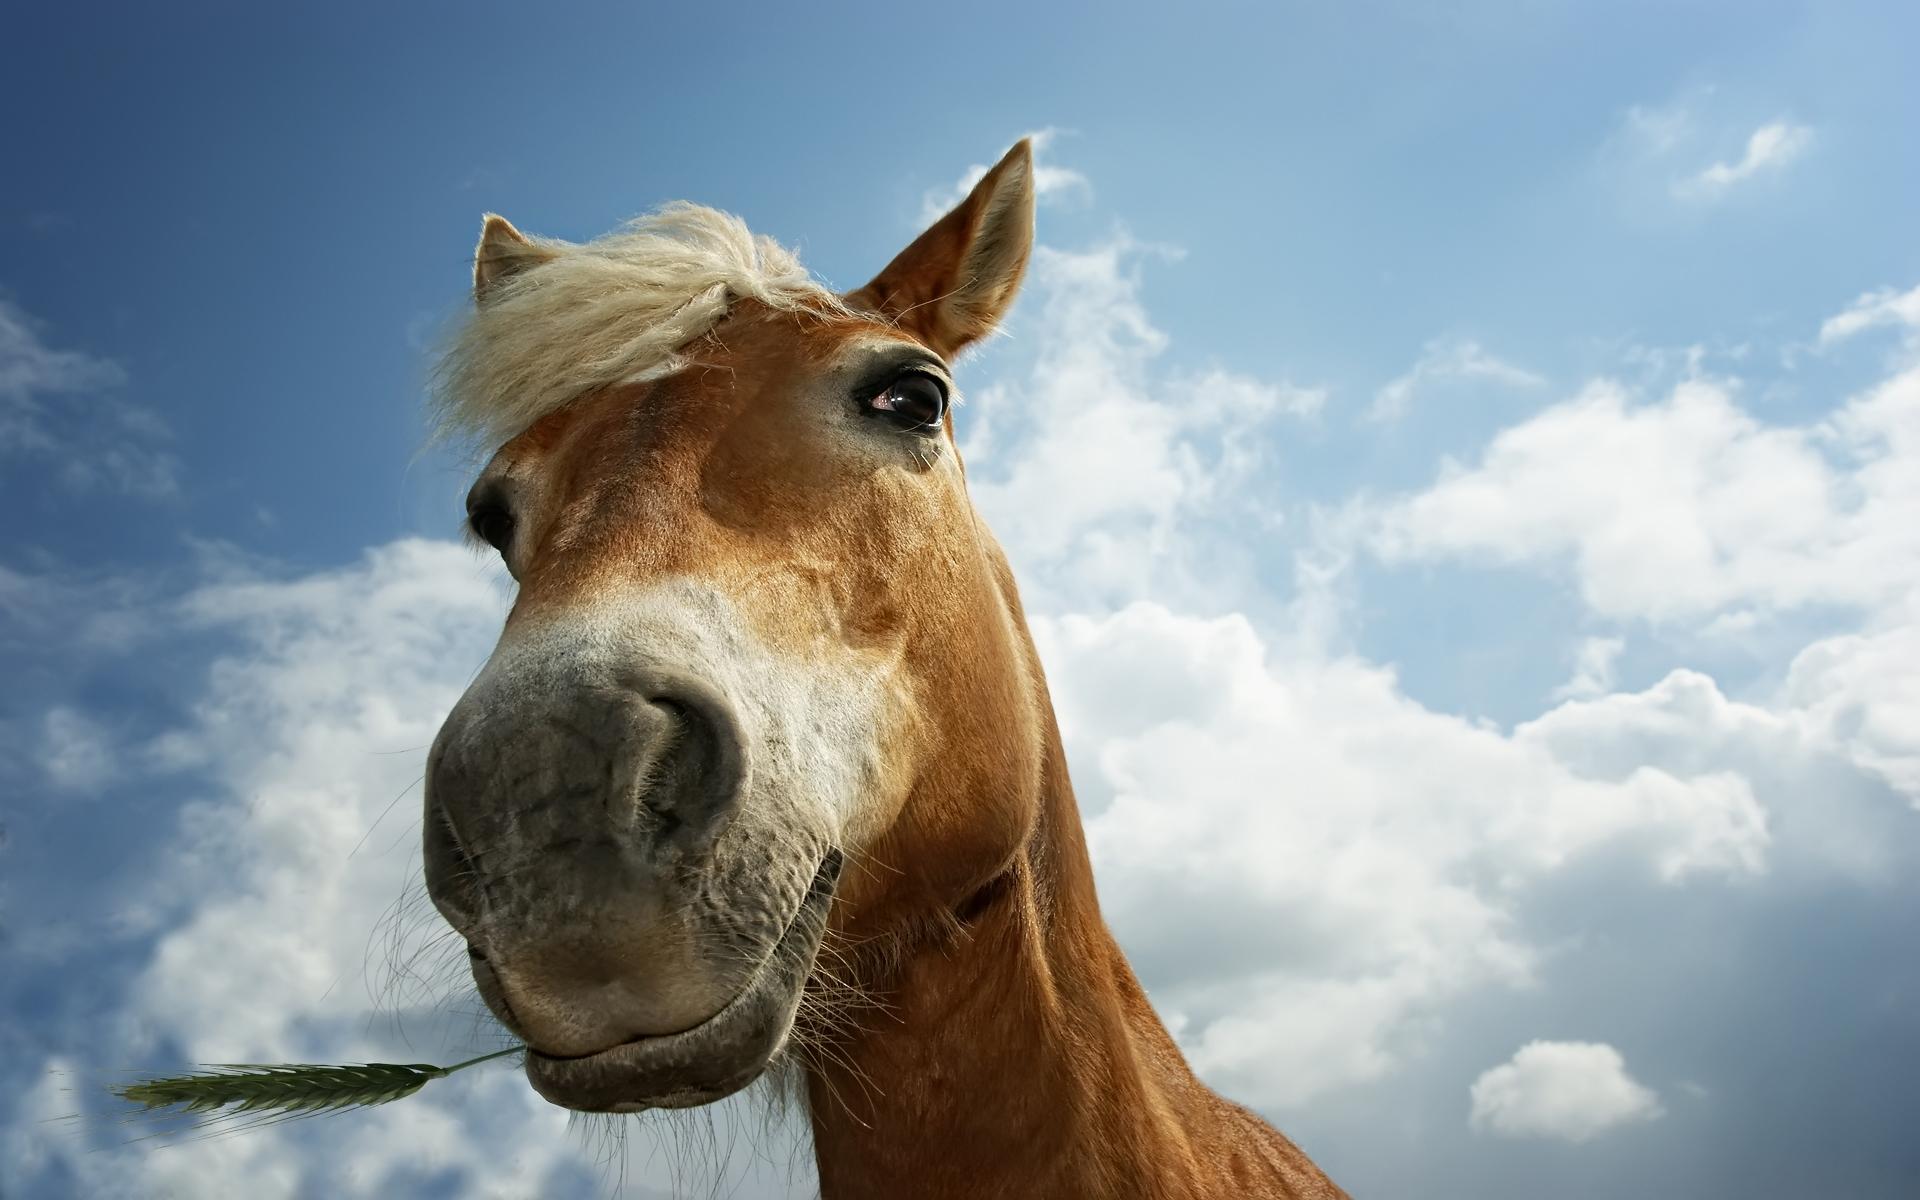 wallpapers desktop horse animals 1920x1200 1920x1200